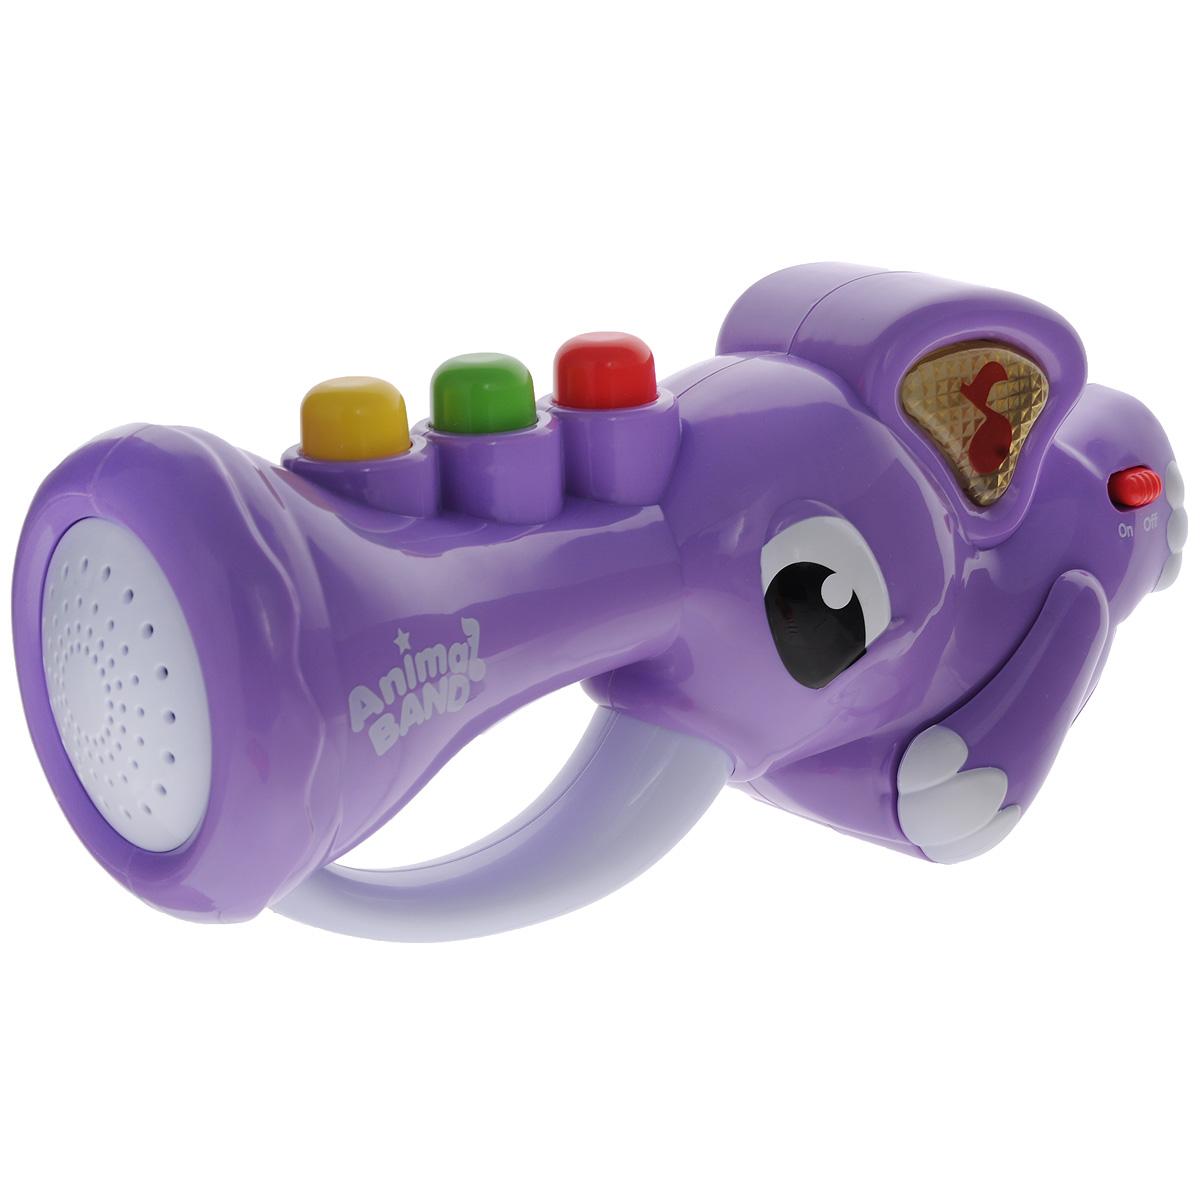 Музыкальная игрушка Keenway Слоник-трубач